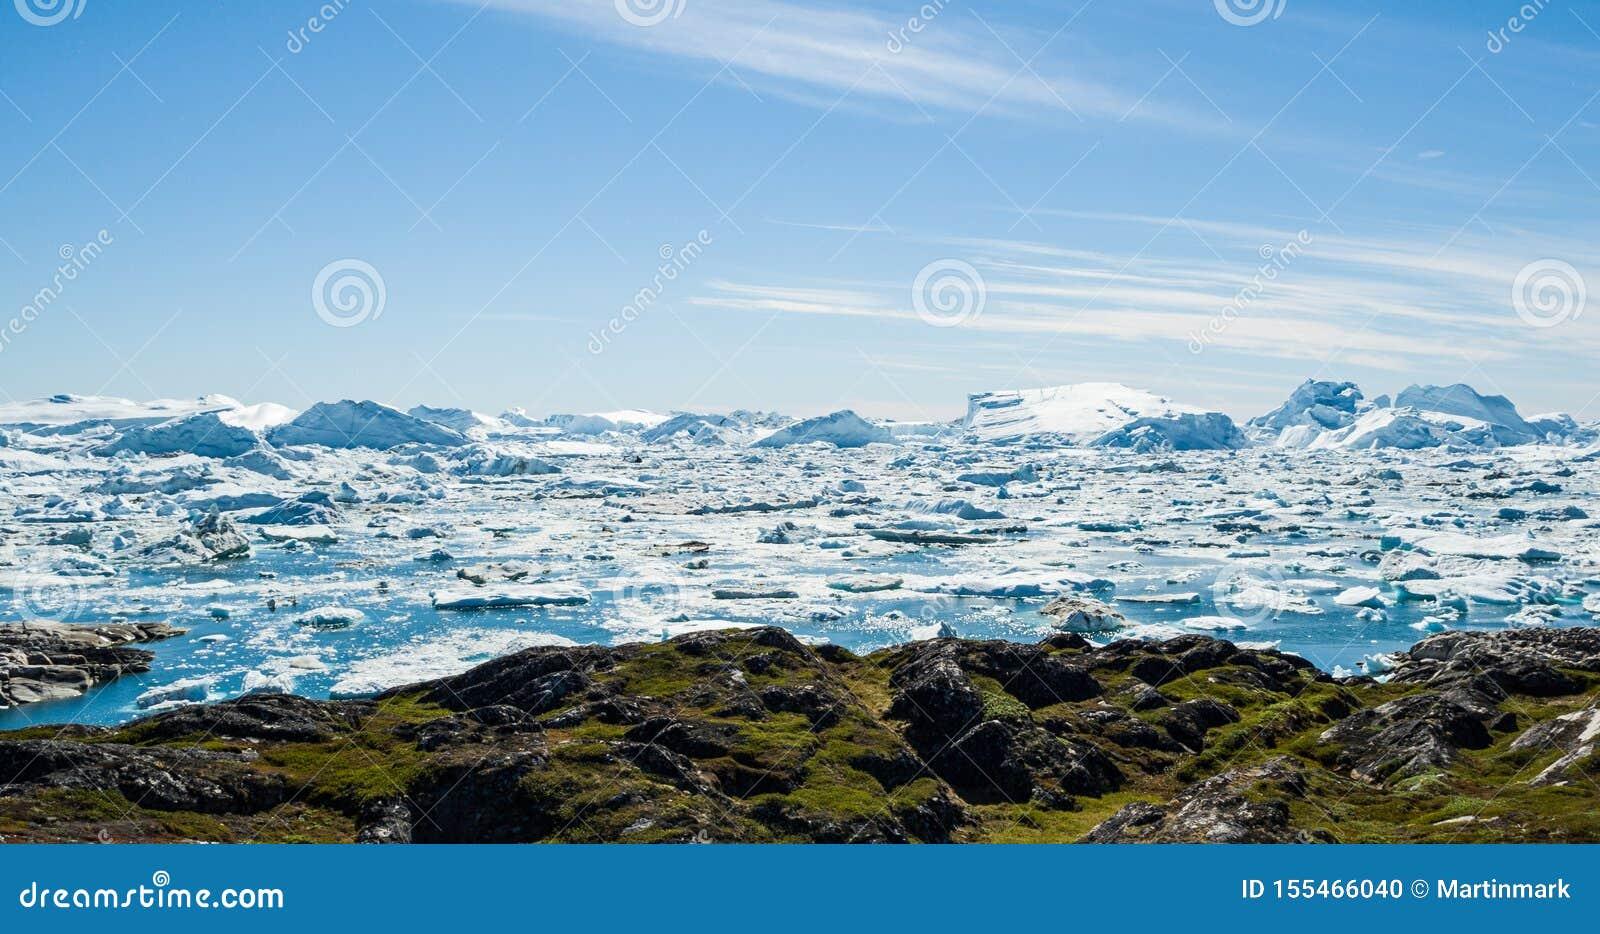 Eisberg und Eis vom Gletscher in der drastischen arktischen Naturlandschaft auf Grönland